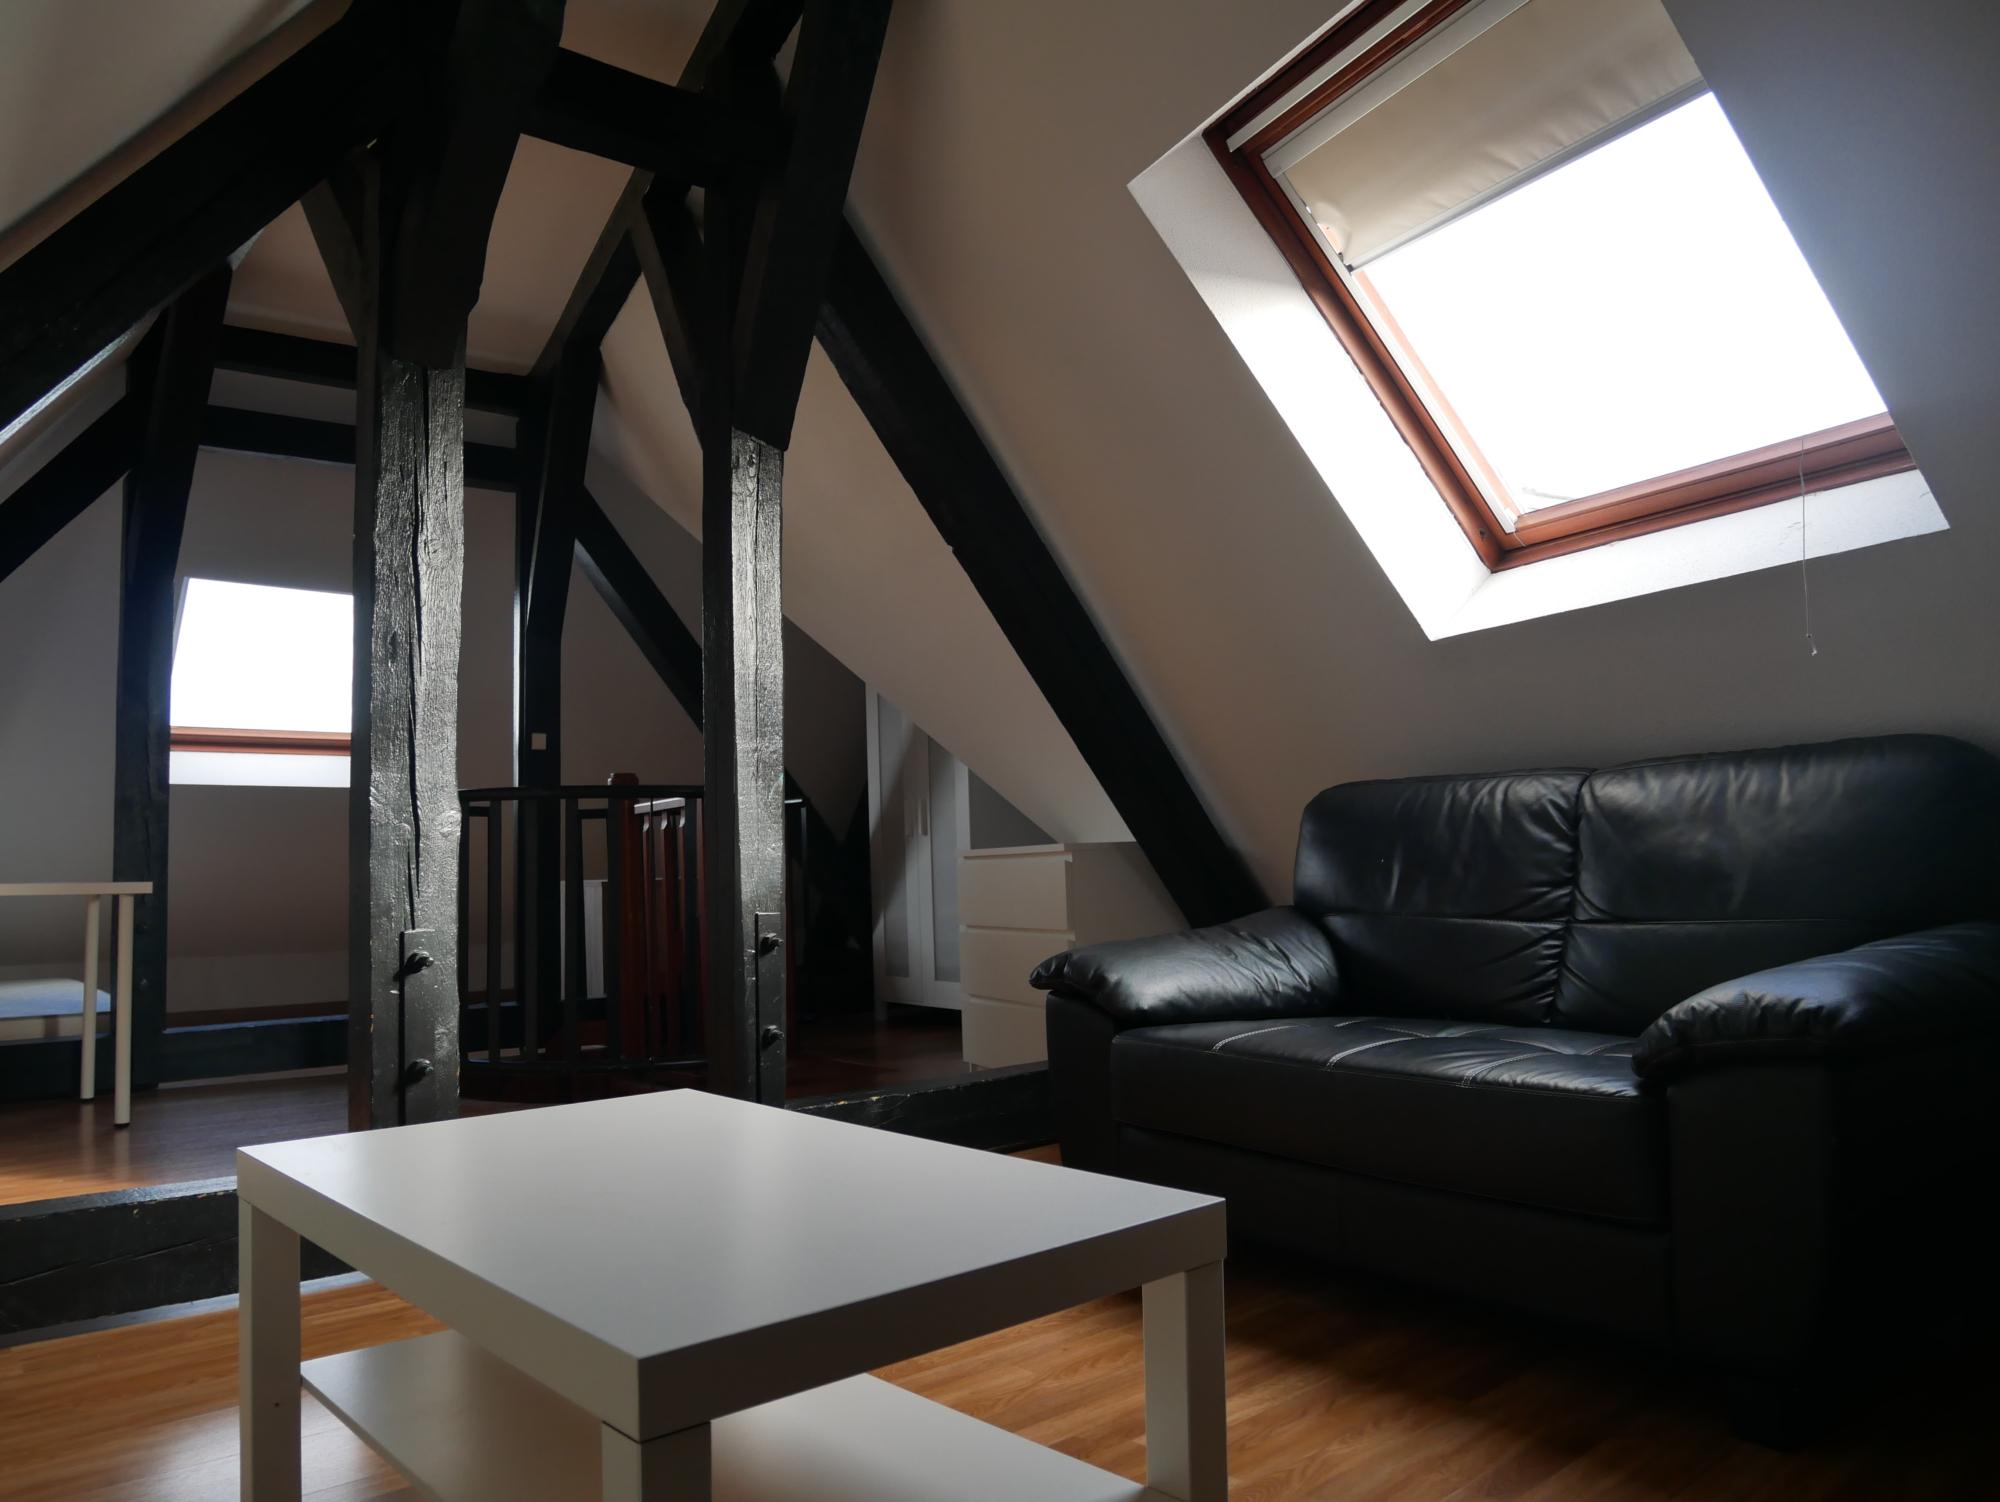 [BelleVue] 2pièces meublé en duplex - Hypercentre / rue du 22 Novembre - nos locations - Beausite Immobilier 6